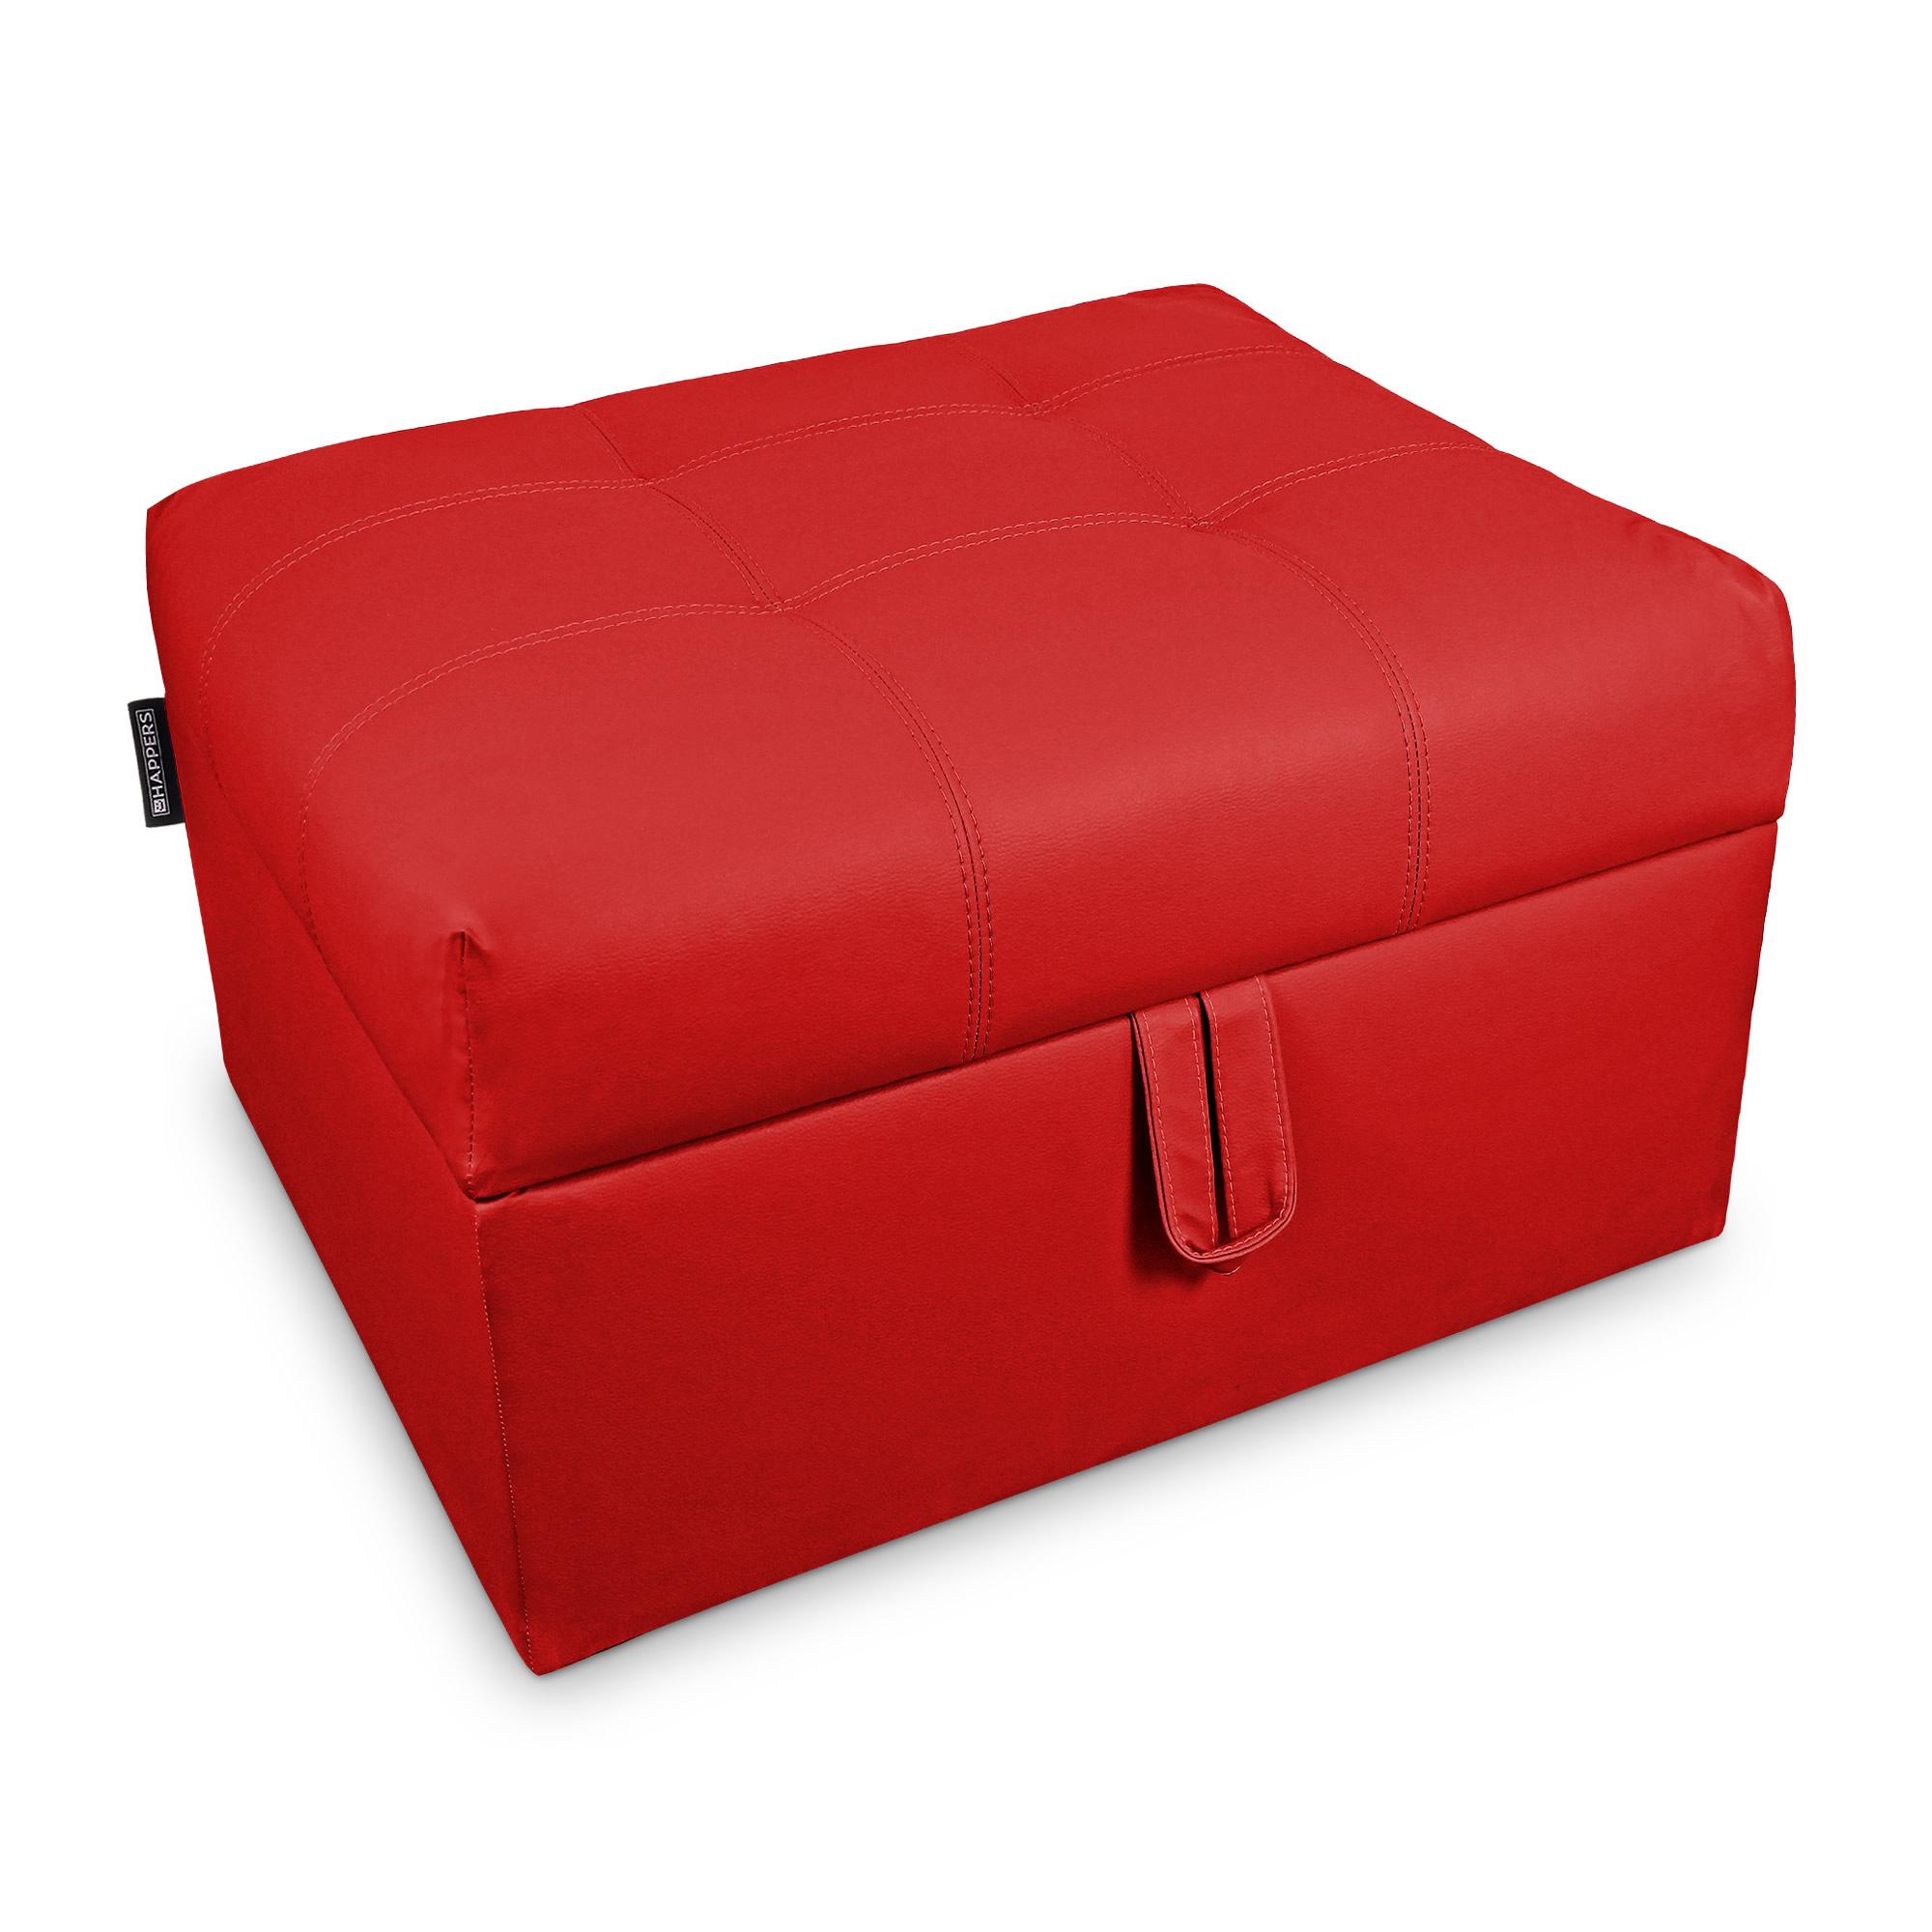 Cama plegable. Puff Arcón con somier plegable Polipiel Indoor Rojo  | Happers.es